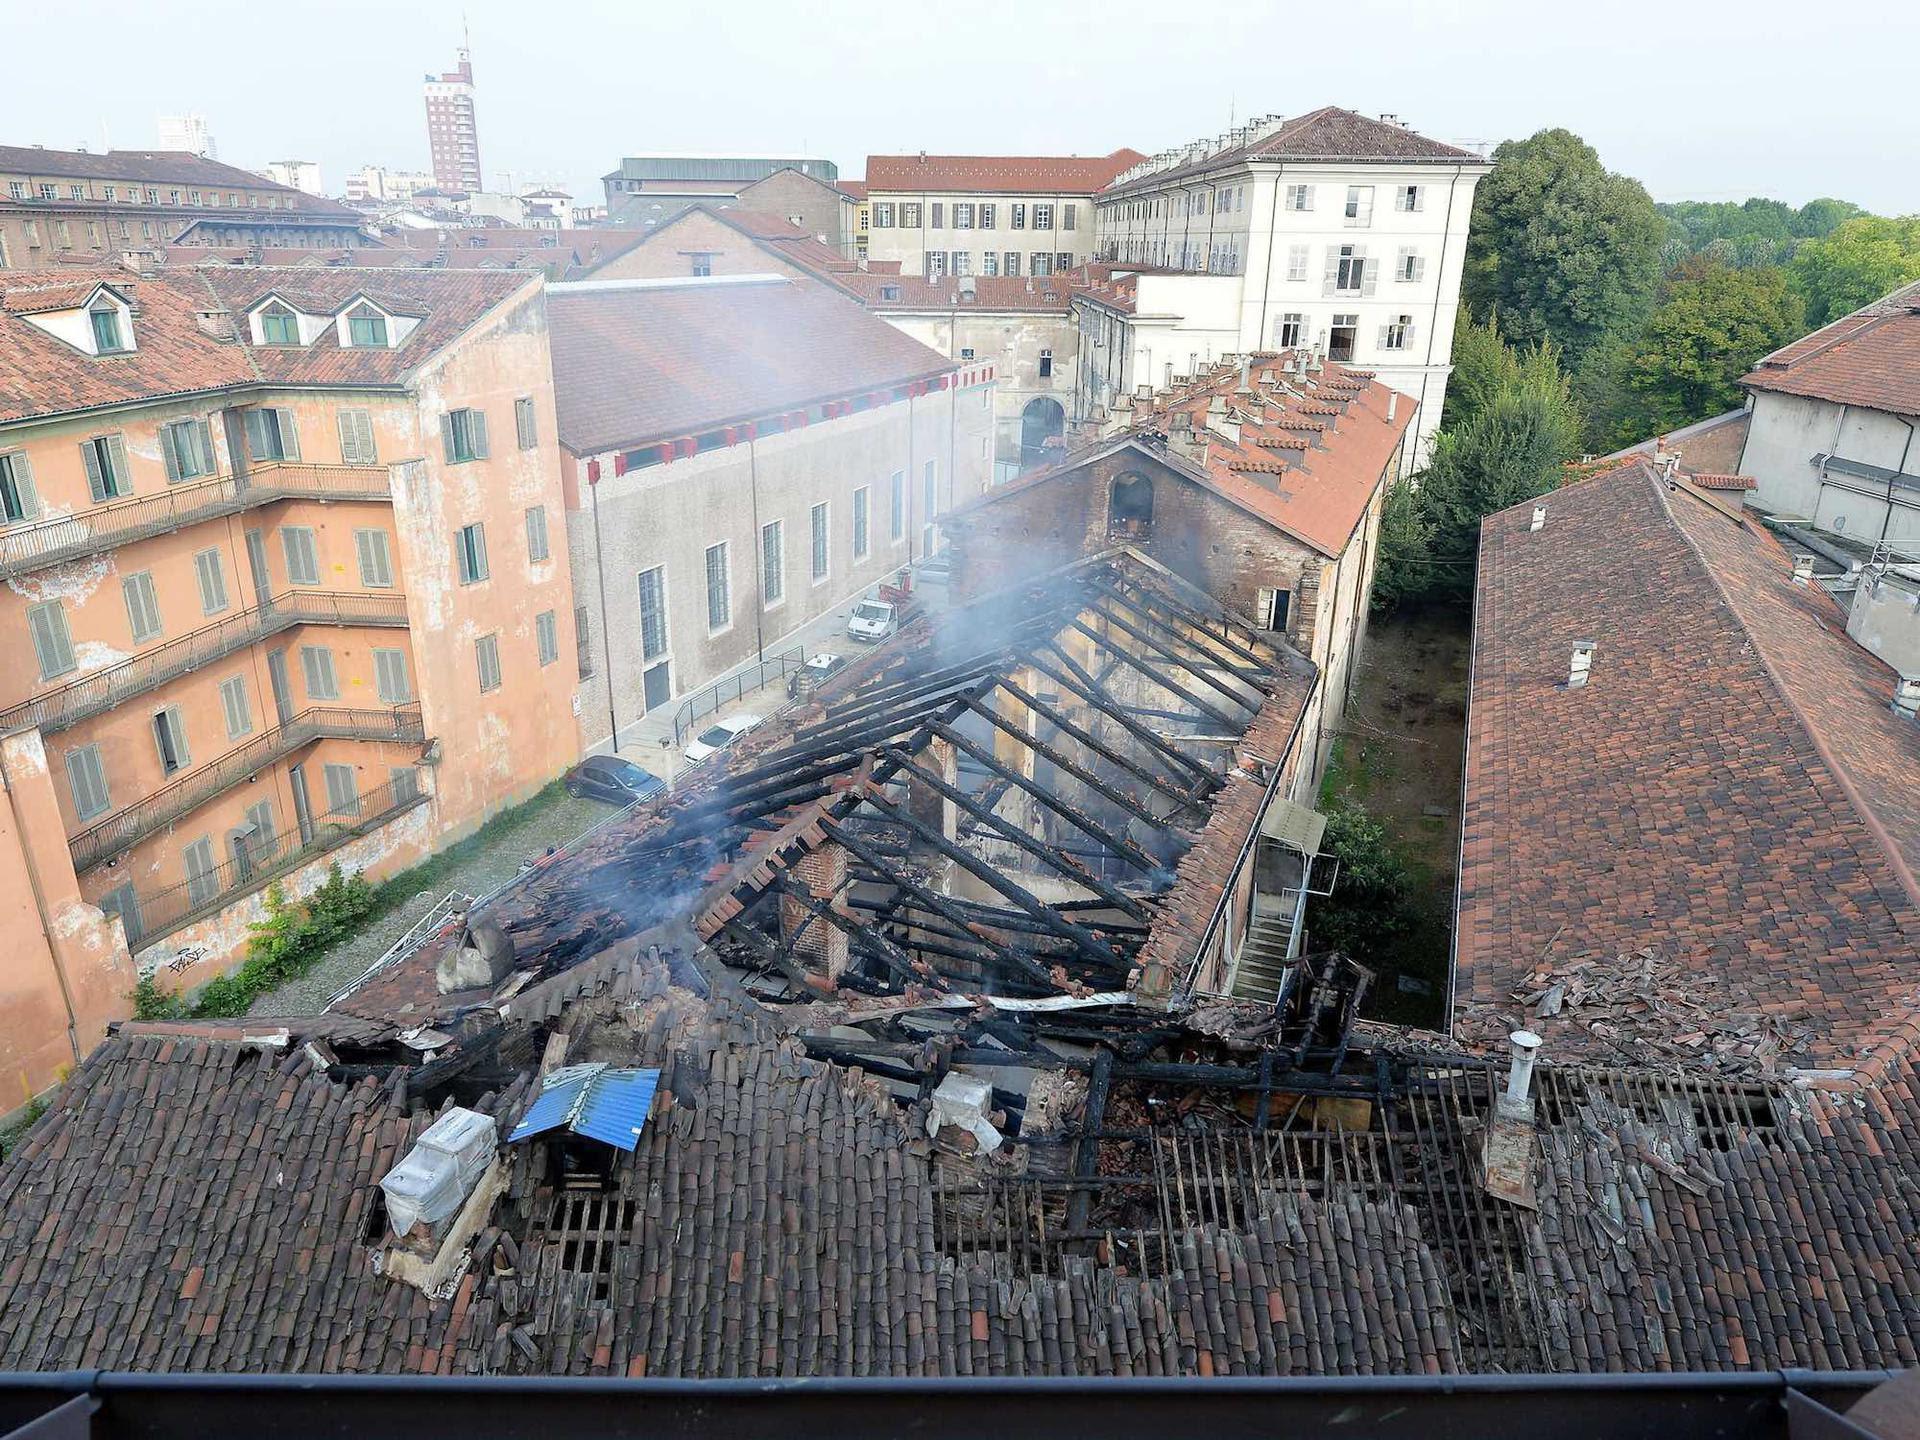 Brucia la Cavallerizza Reale, patrimonio Unesco nel cuore di Torino